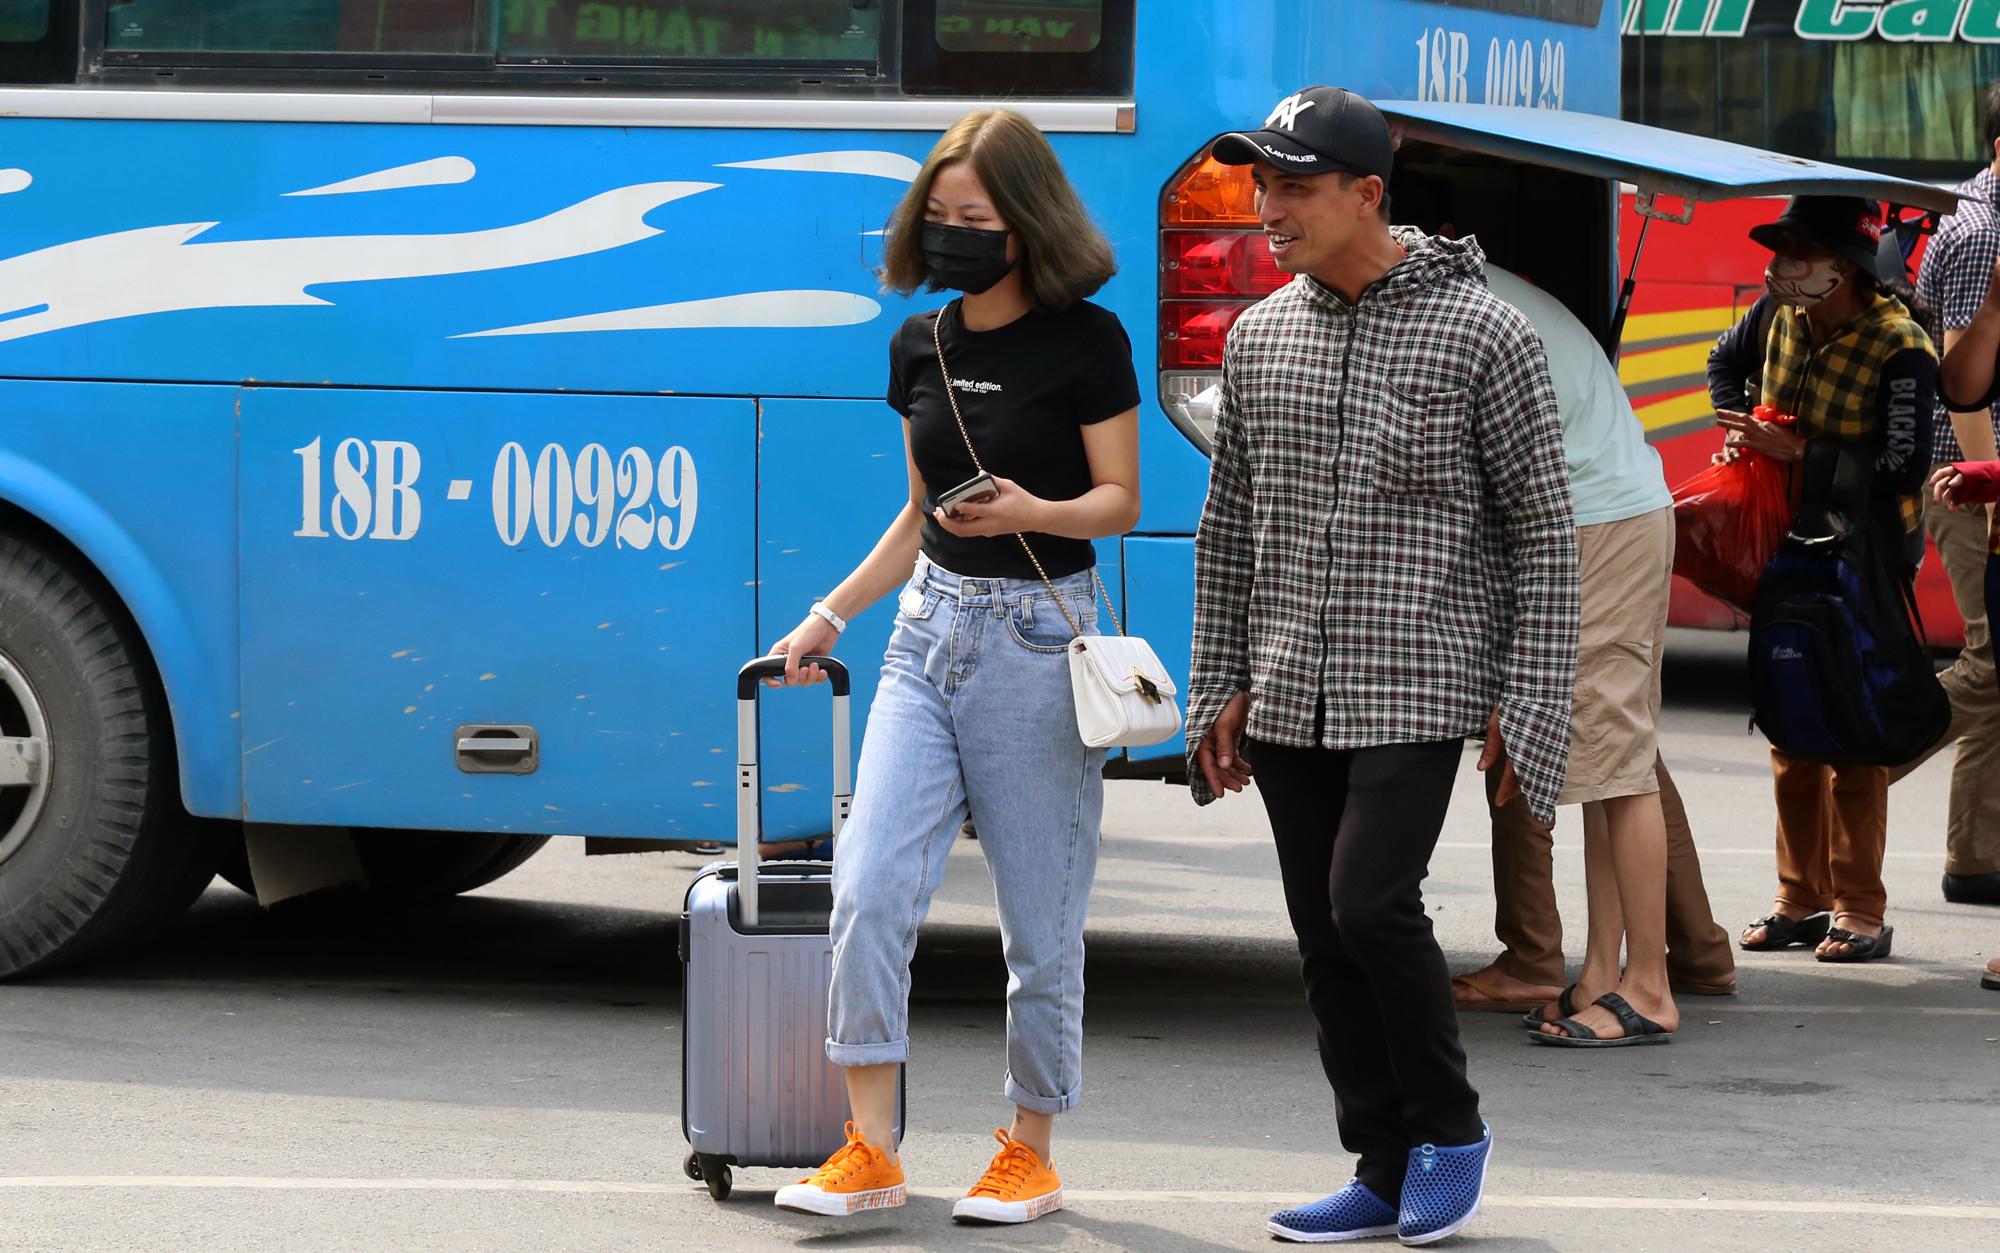 Vận tải khách trở lại bình thường, bến xe ở Hà Nội vẫn vắng vẻ - Ảnh 16.